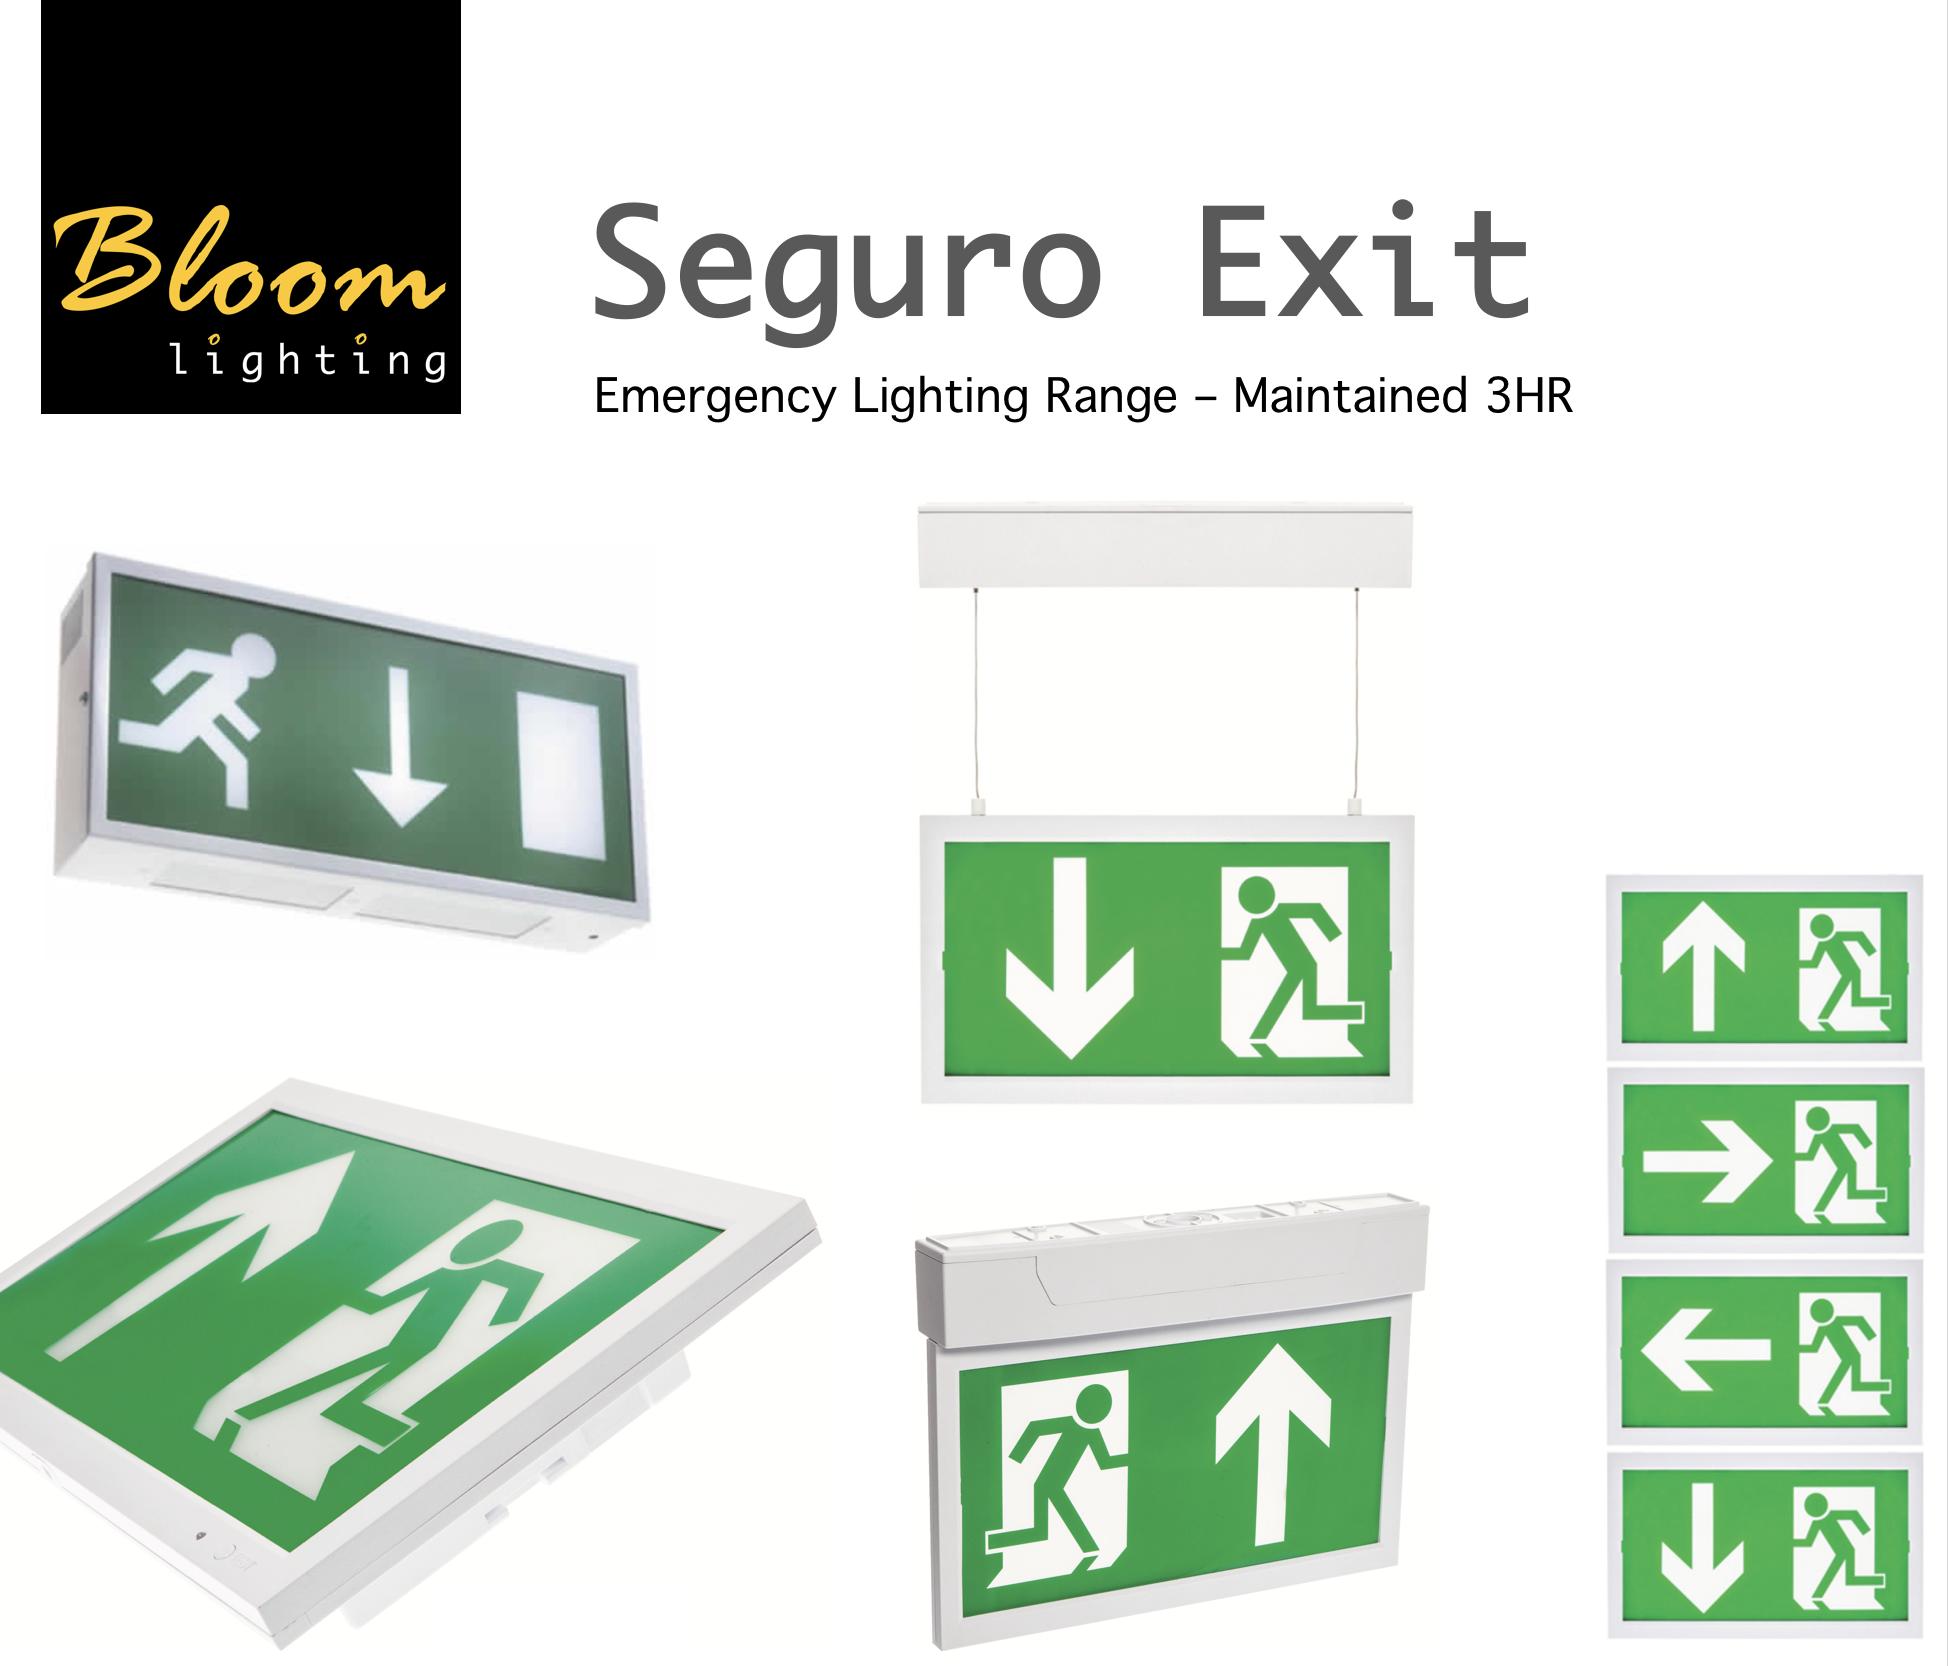 Bloom Seguro Exit